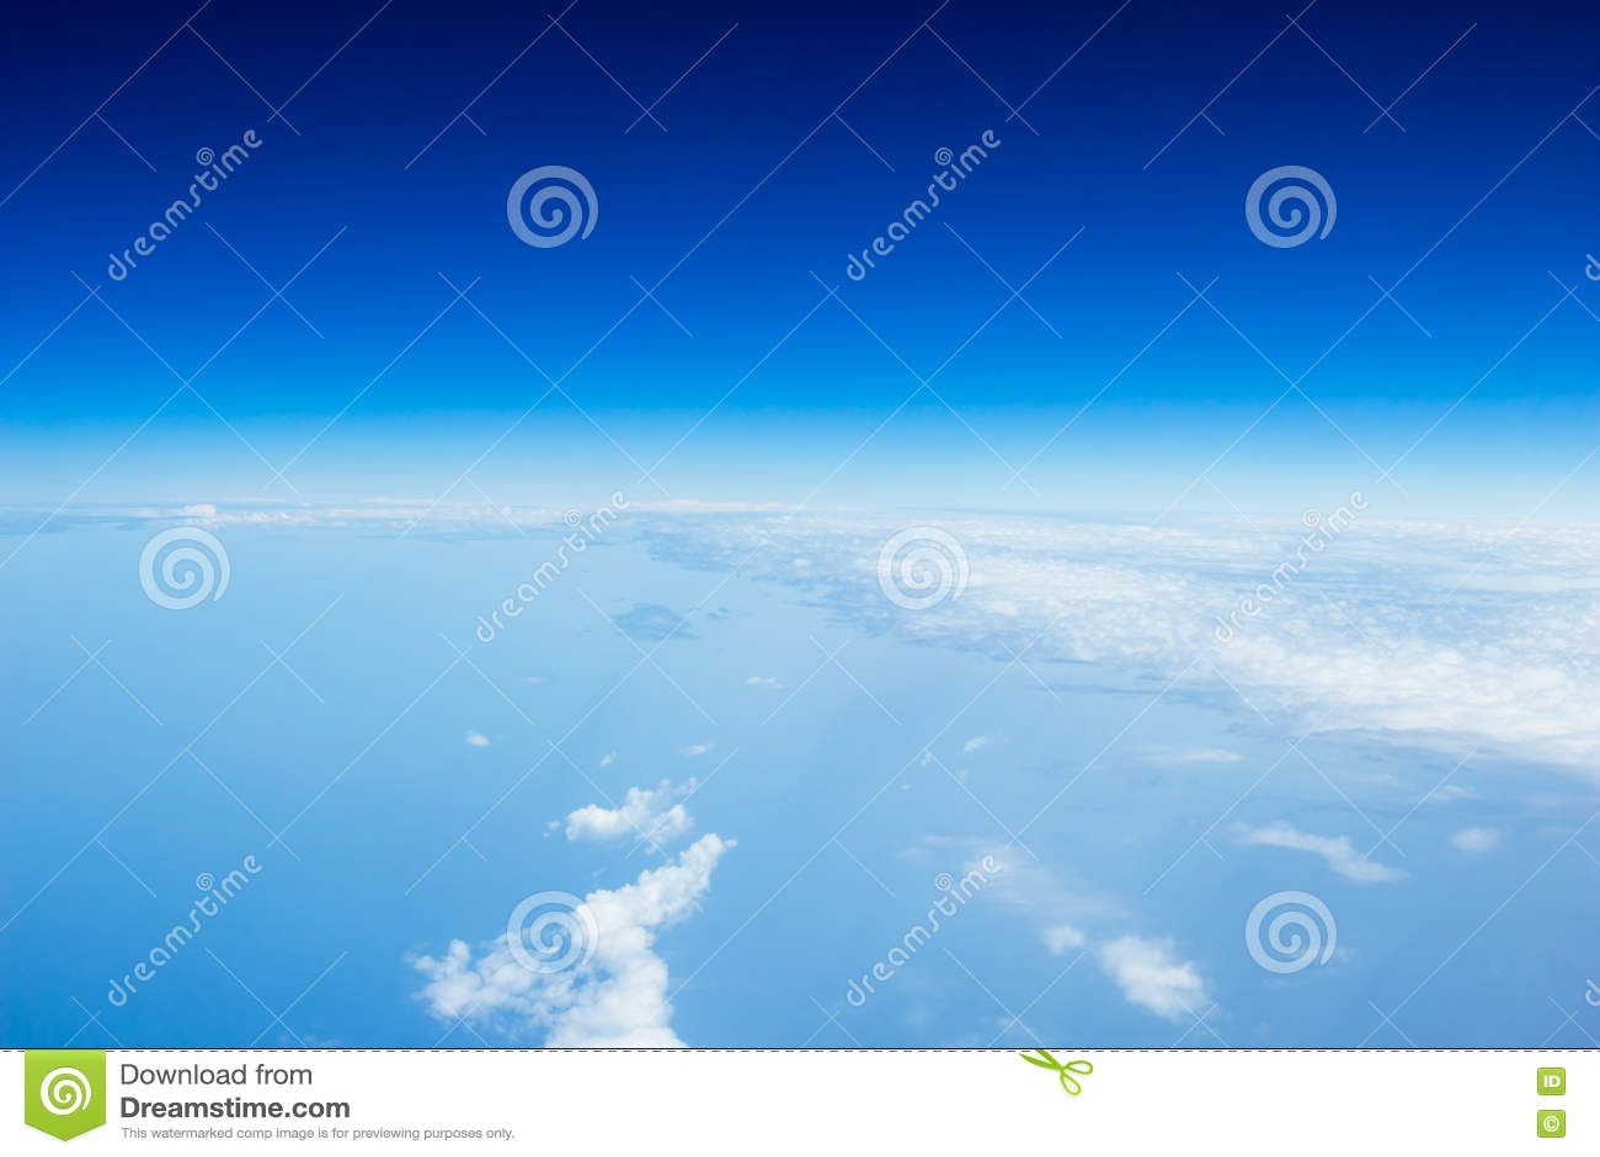 Красивый вид над облаками